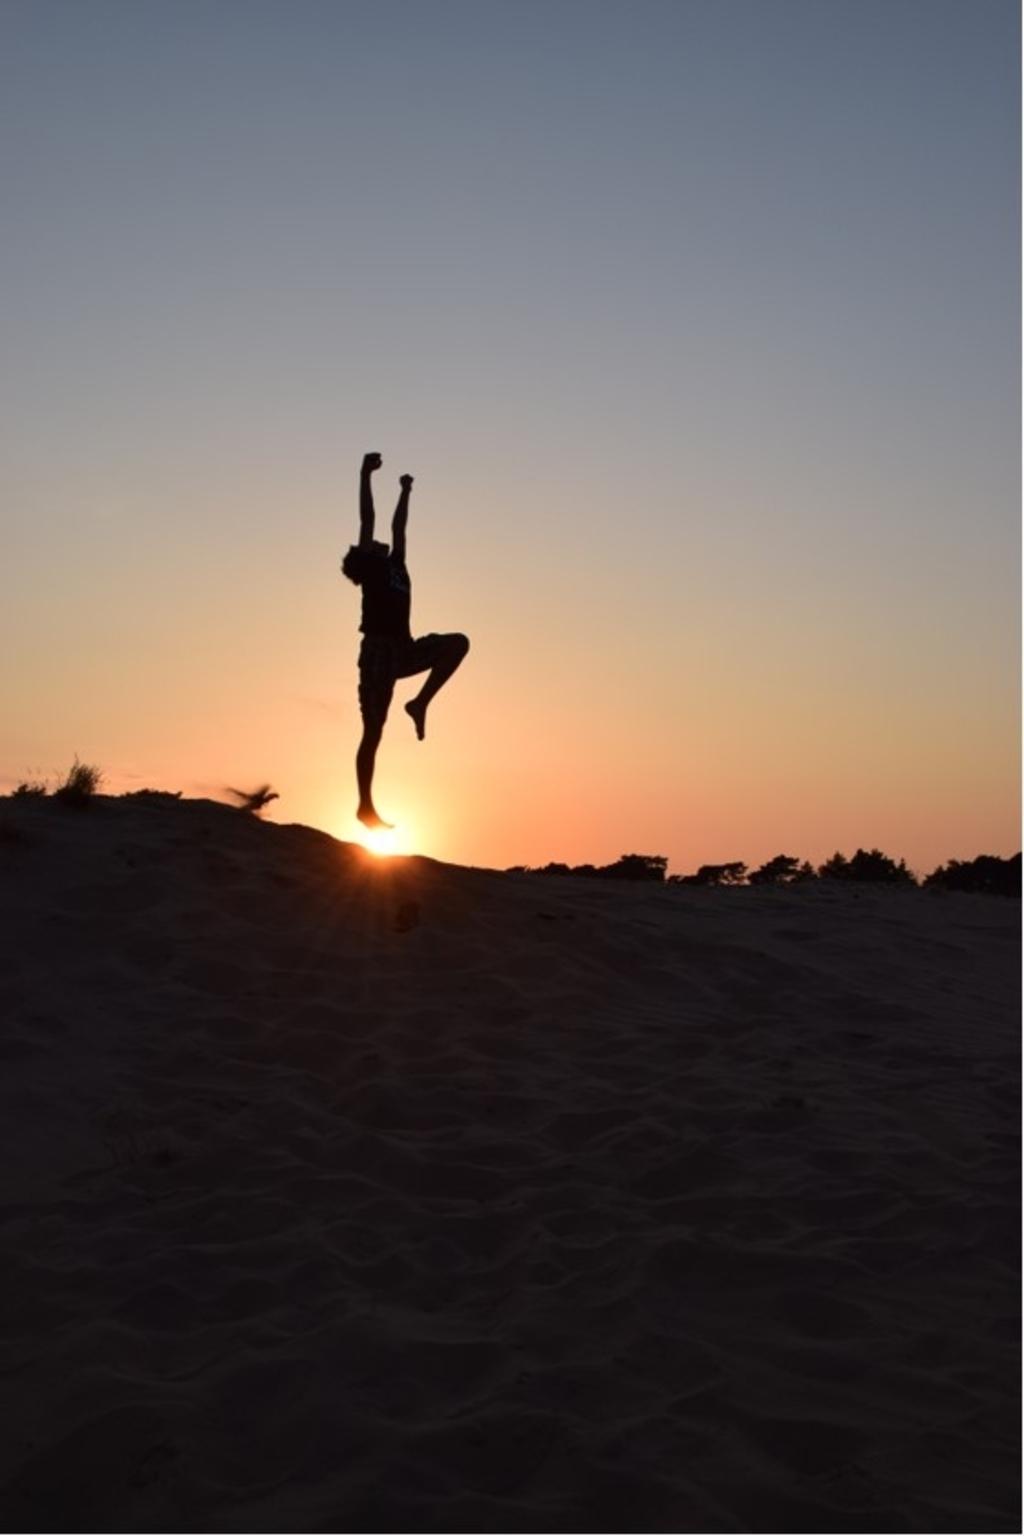 Deze foto is gemaakt op 9 augustus 2020 bij het Wekeromse Zand door mijzelf (Lydia Zwart, Bennekom). Op de foto staat mijn zoon, Lucas Zwart (9 jaar). Lydia Zwart © BDU Media